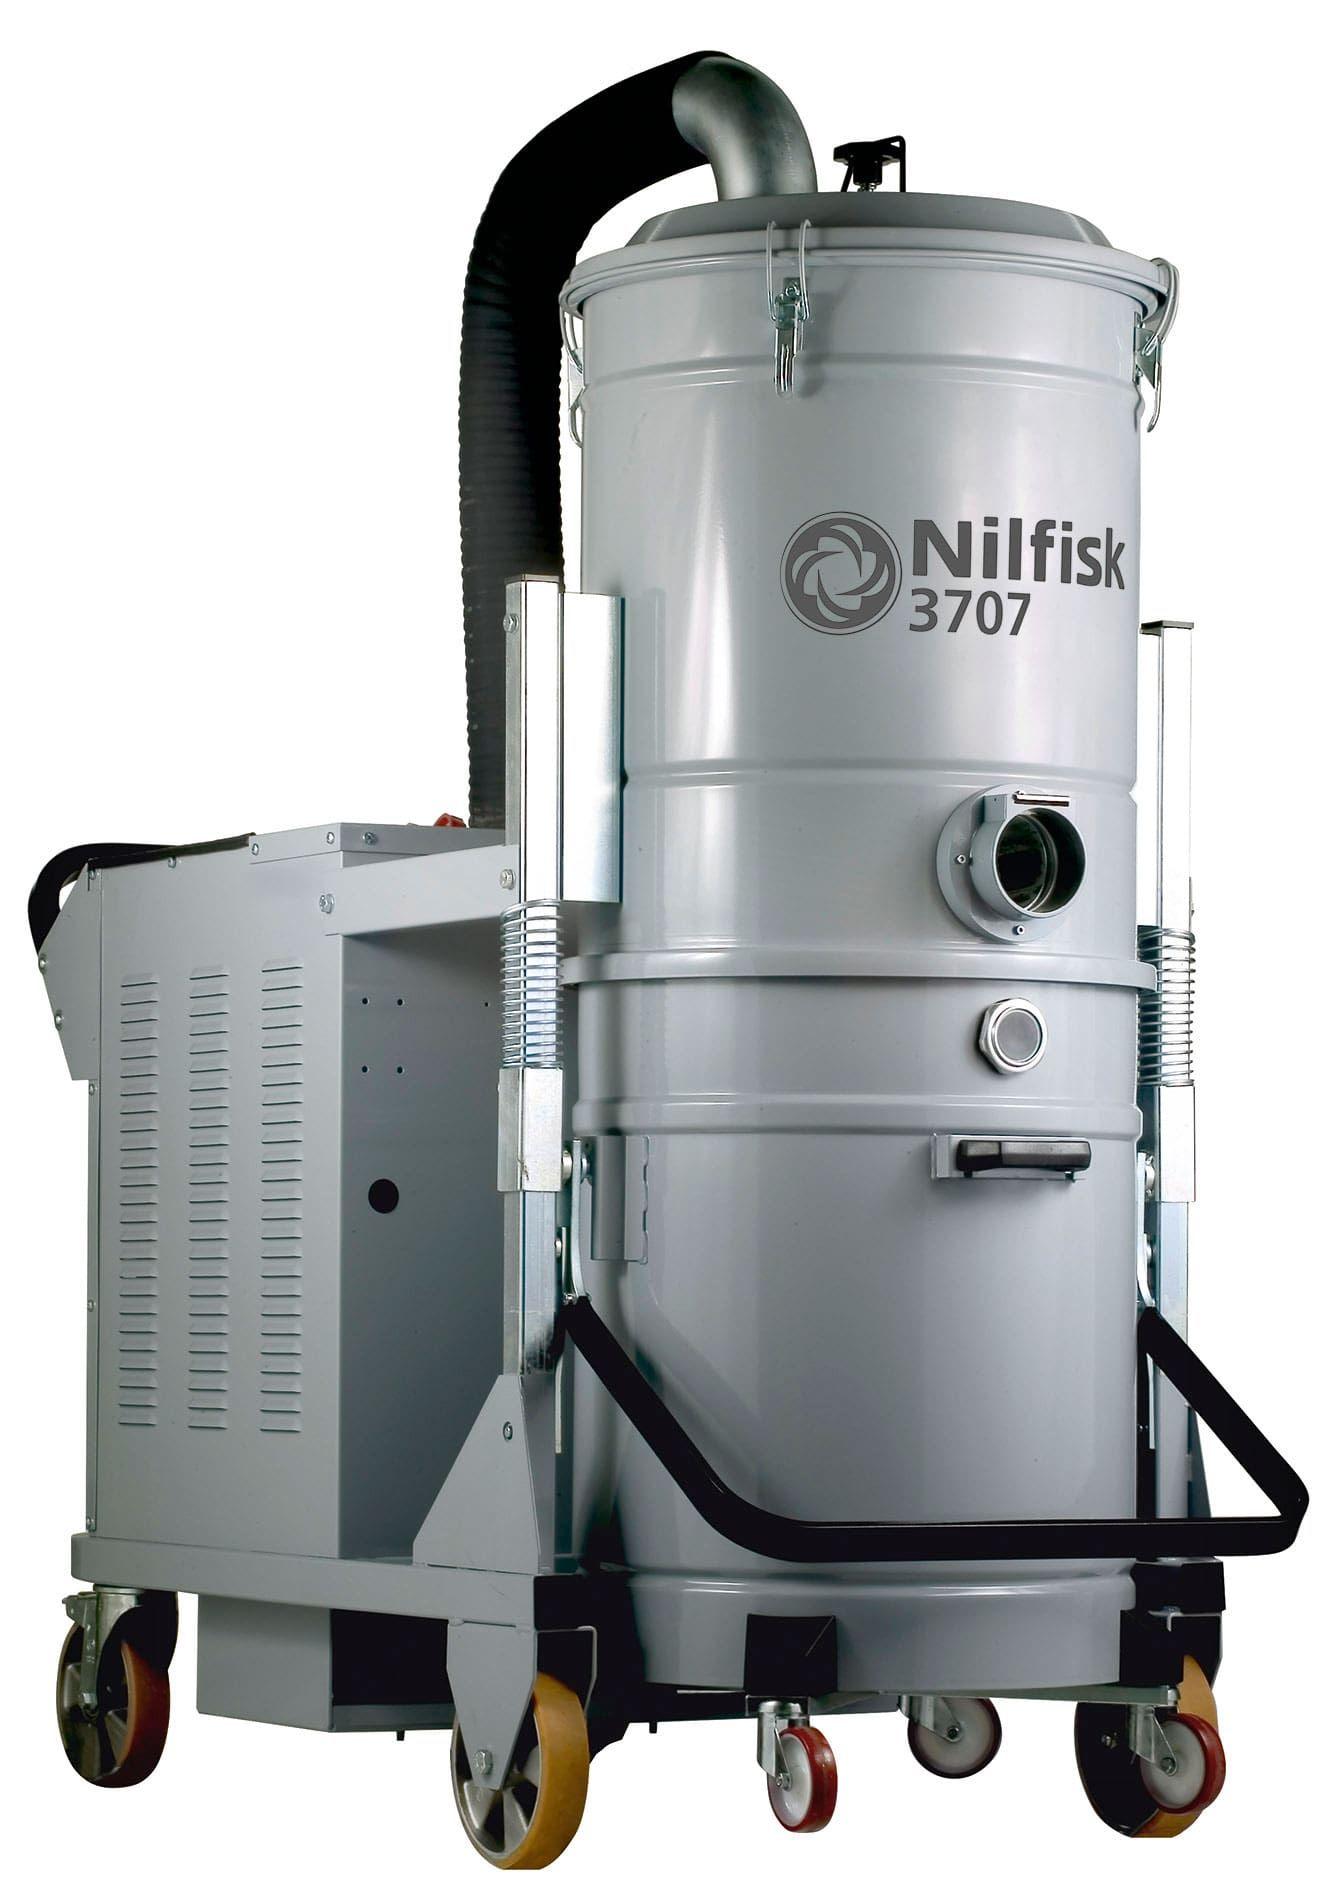 Nilfisk 3707 Industrial Vacuum